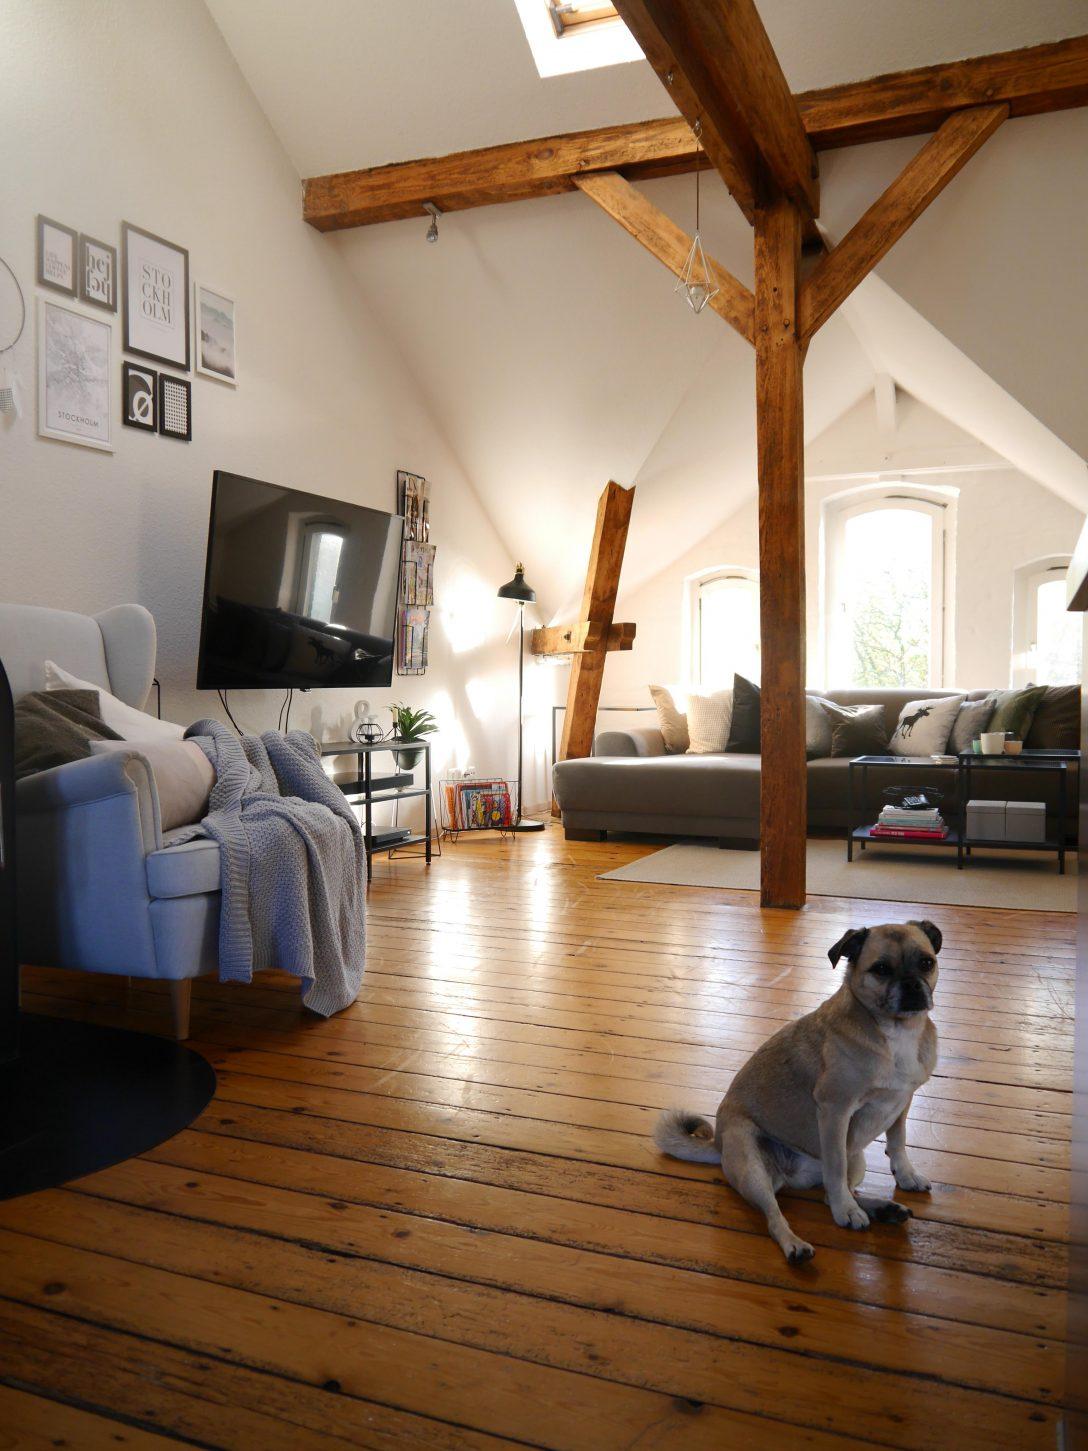 Large Size of Moderne Wohnzimmer Decken Wohnzimmer Decken Aus Rigips Wohnzimmer Decken Beispiel Wohnzimmer Decken Paneele Wohnzimmer Wohnzimmer Decken